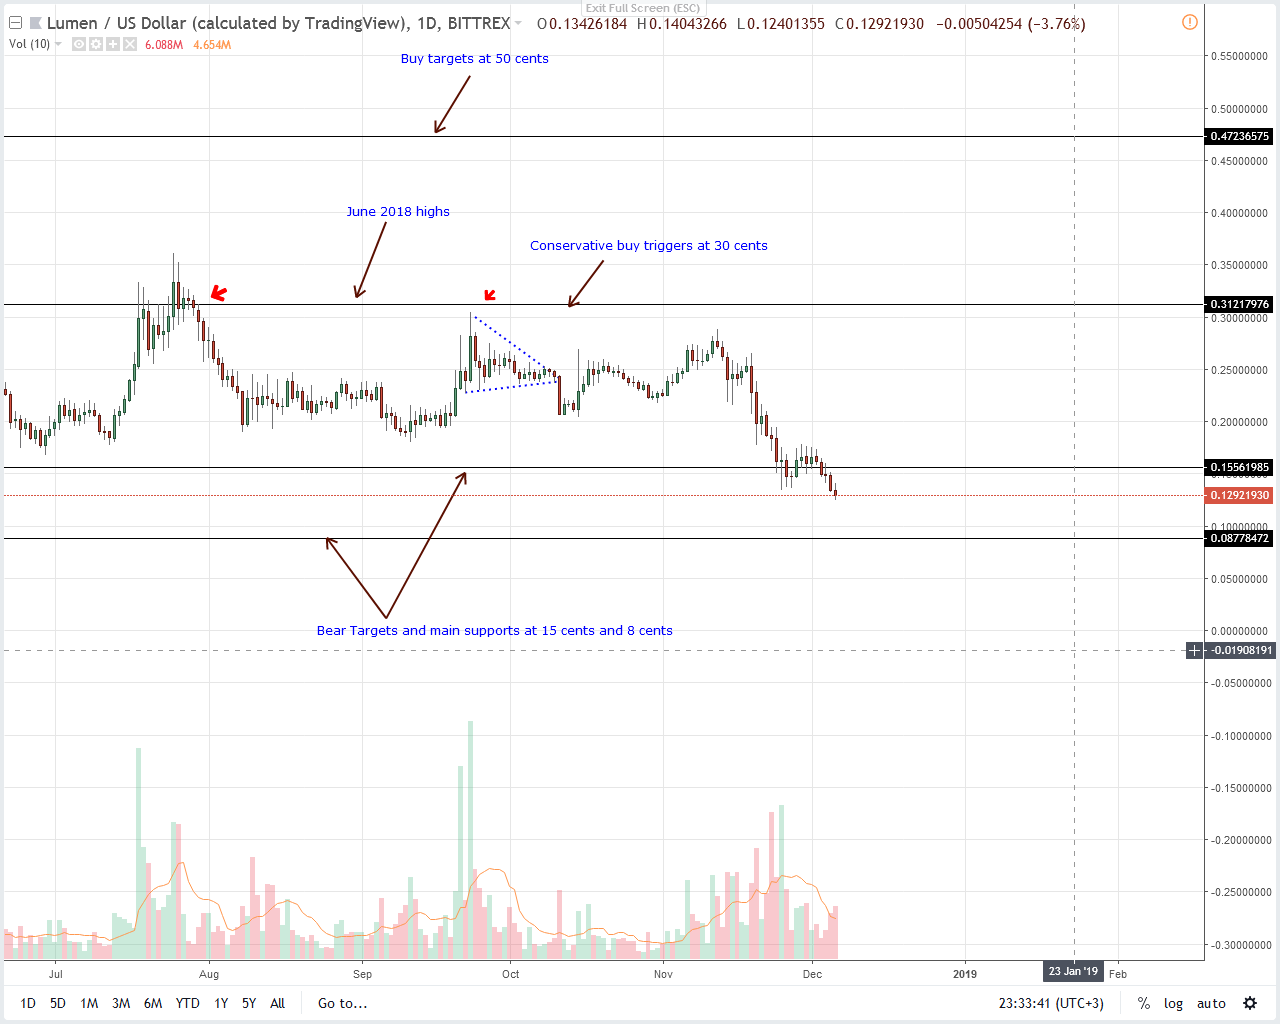 XLM/USD Price Analysis